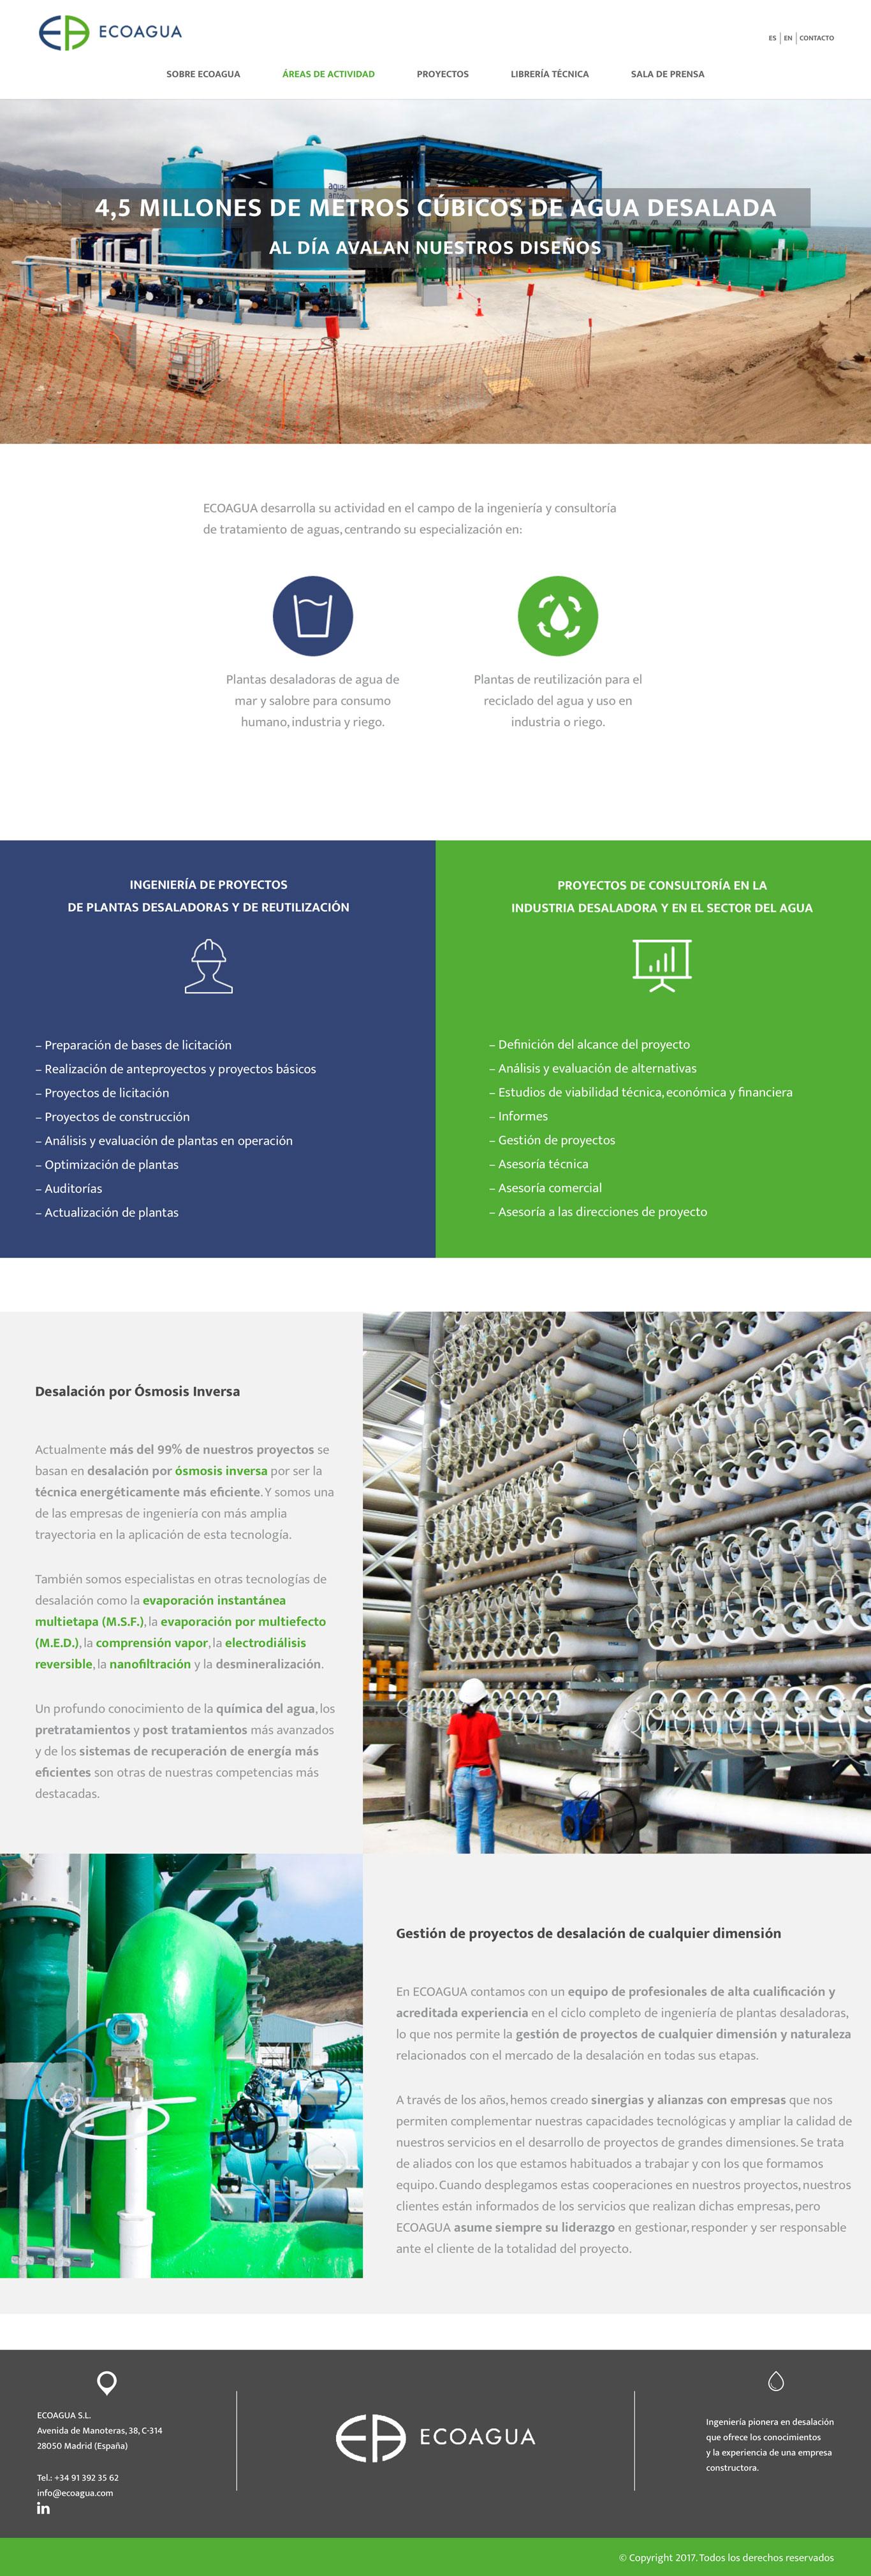 Ecoagua Web